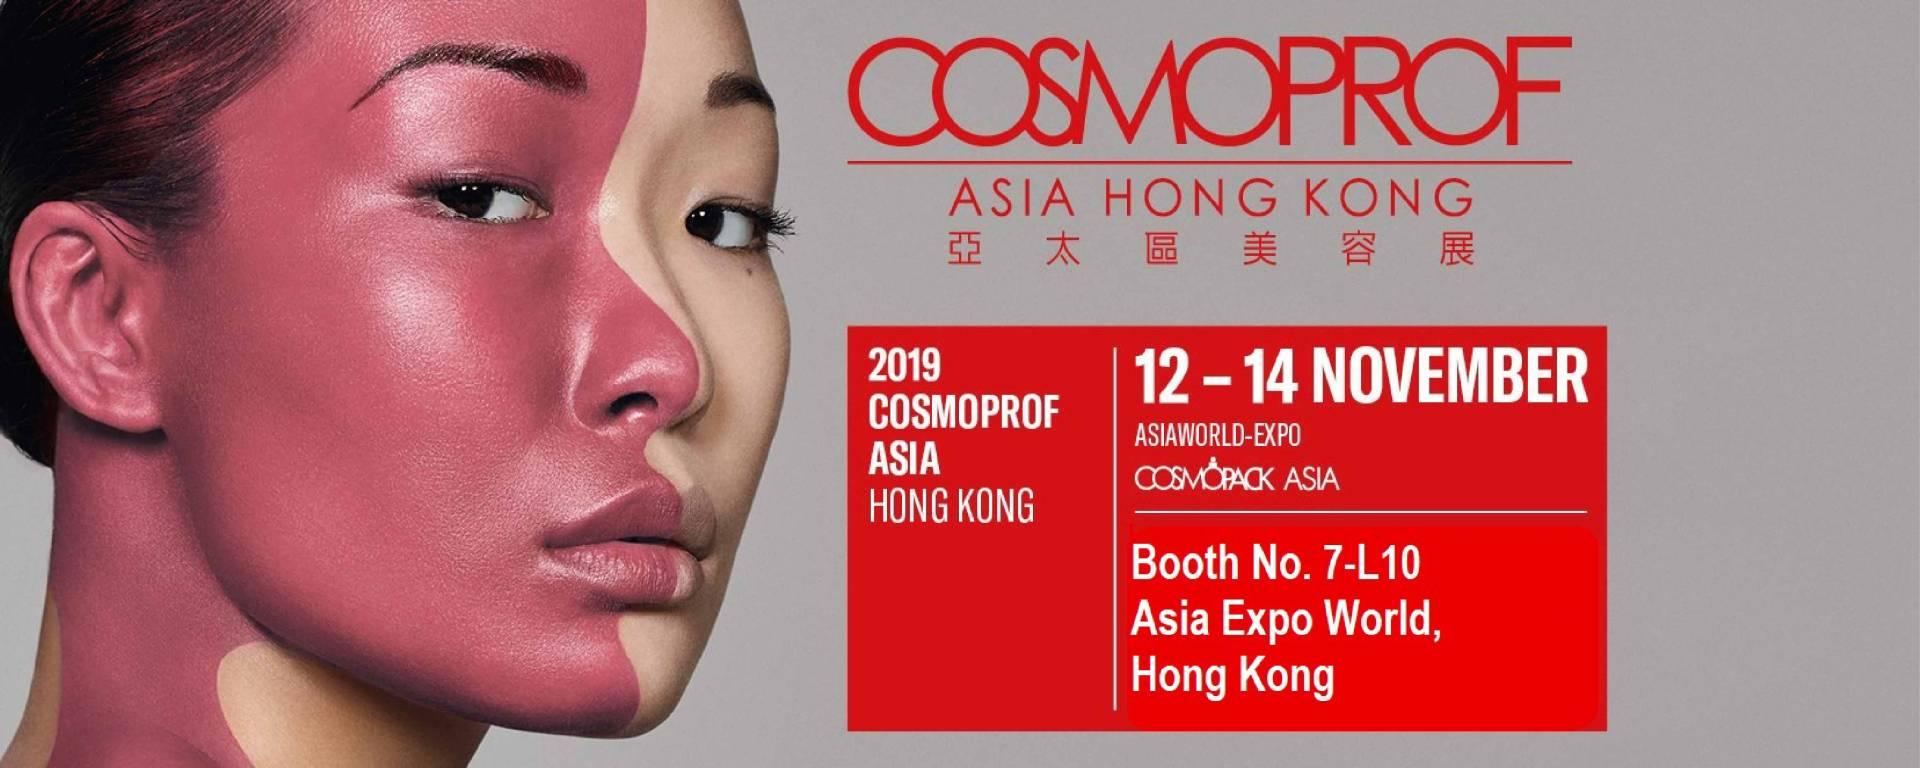 2018美容保養生技保健大展 7.19-22 台北南港展覽館